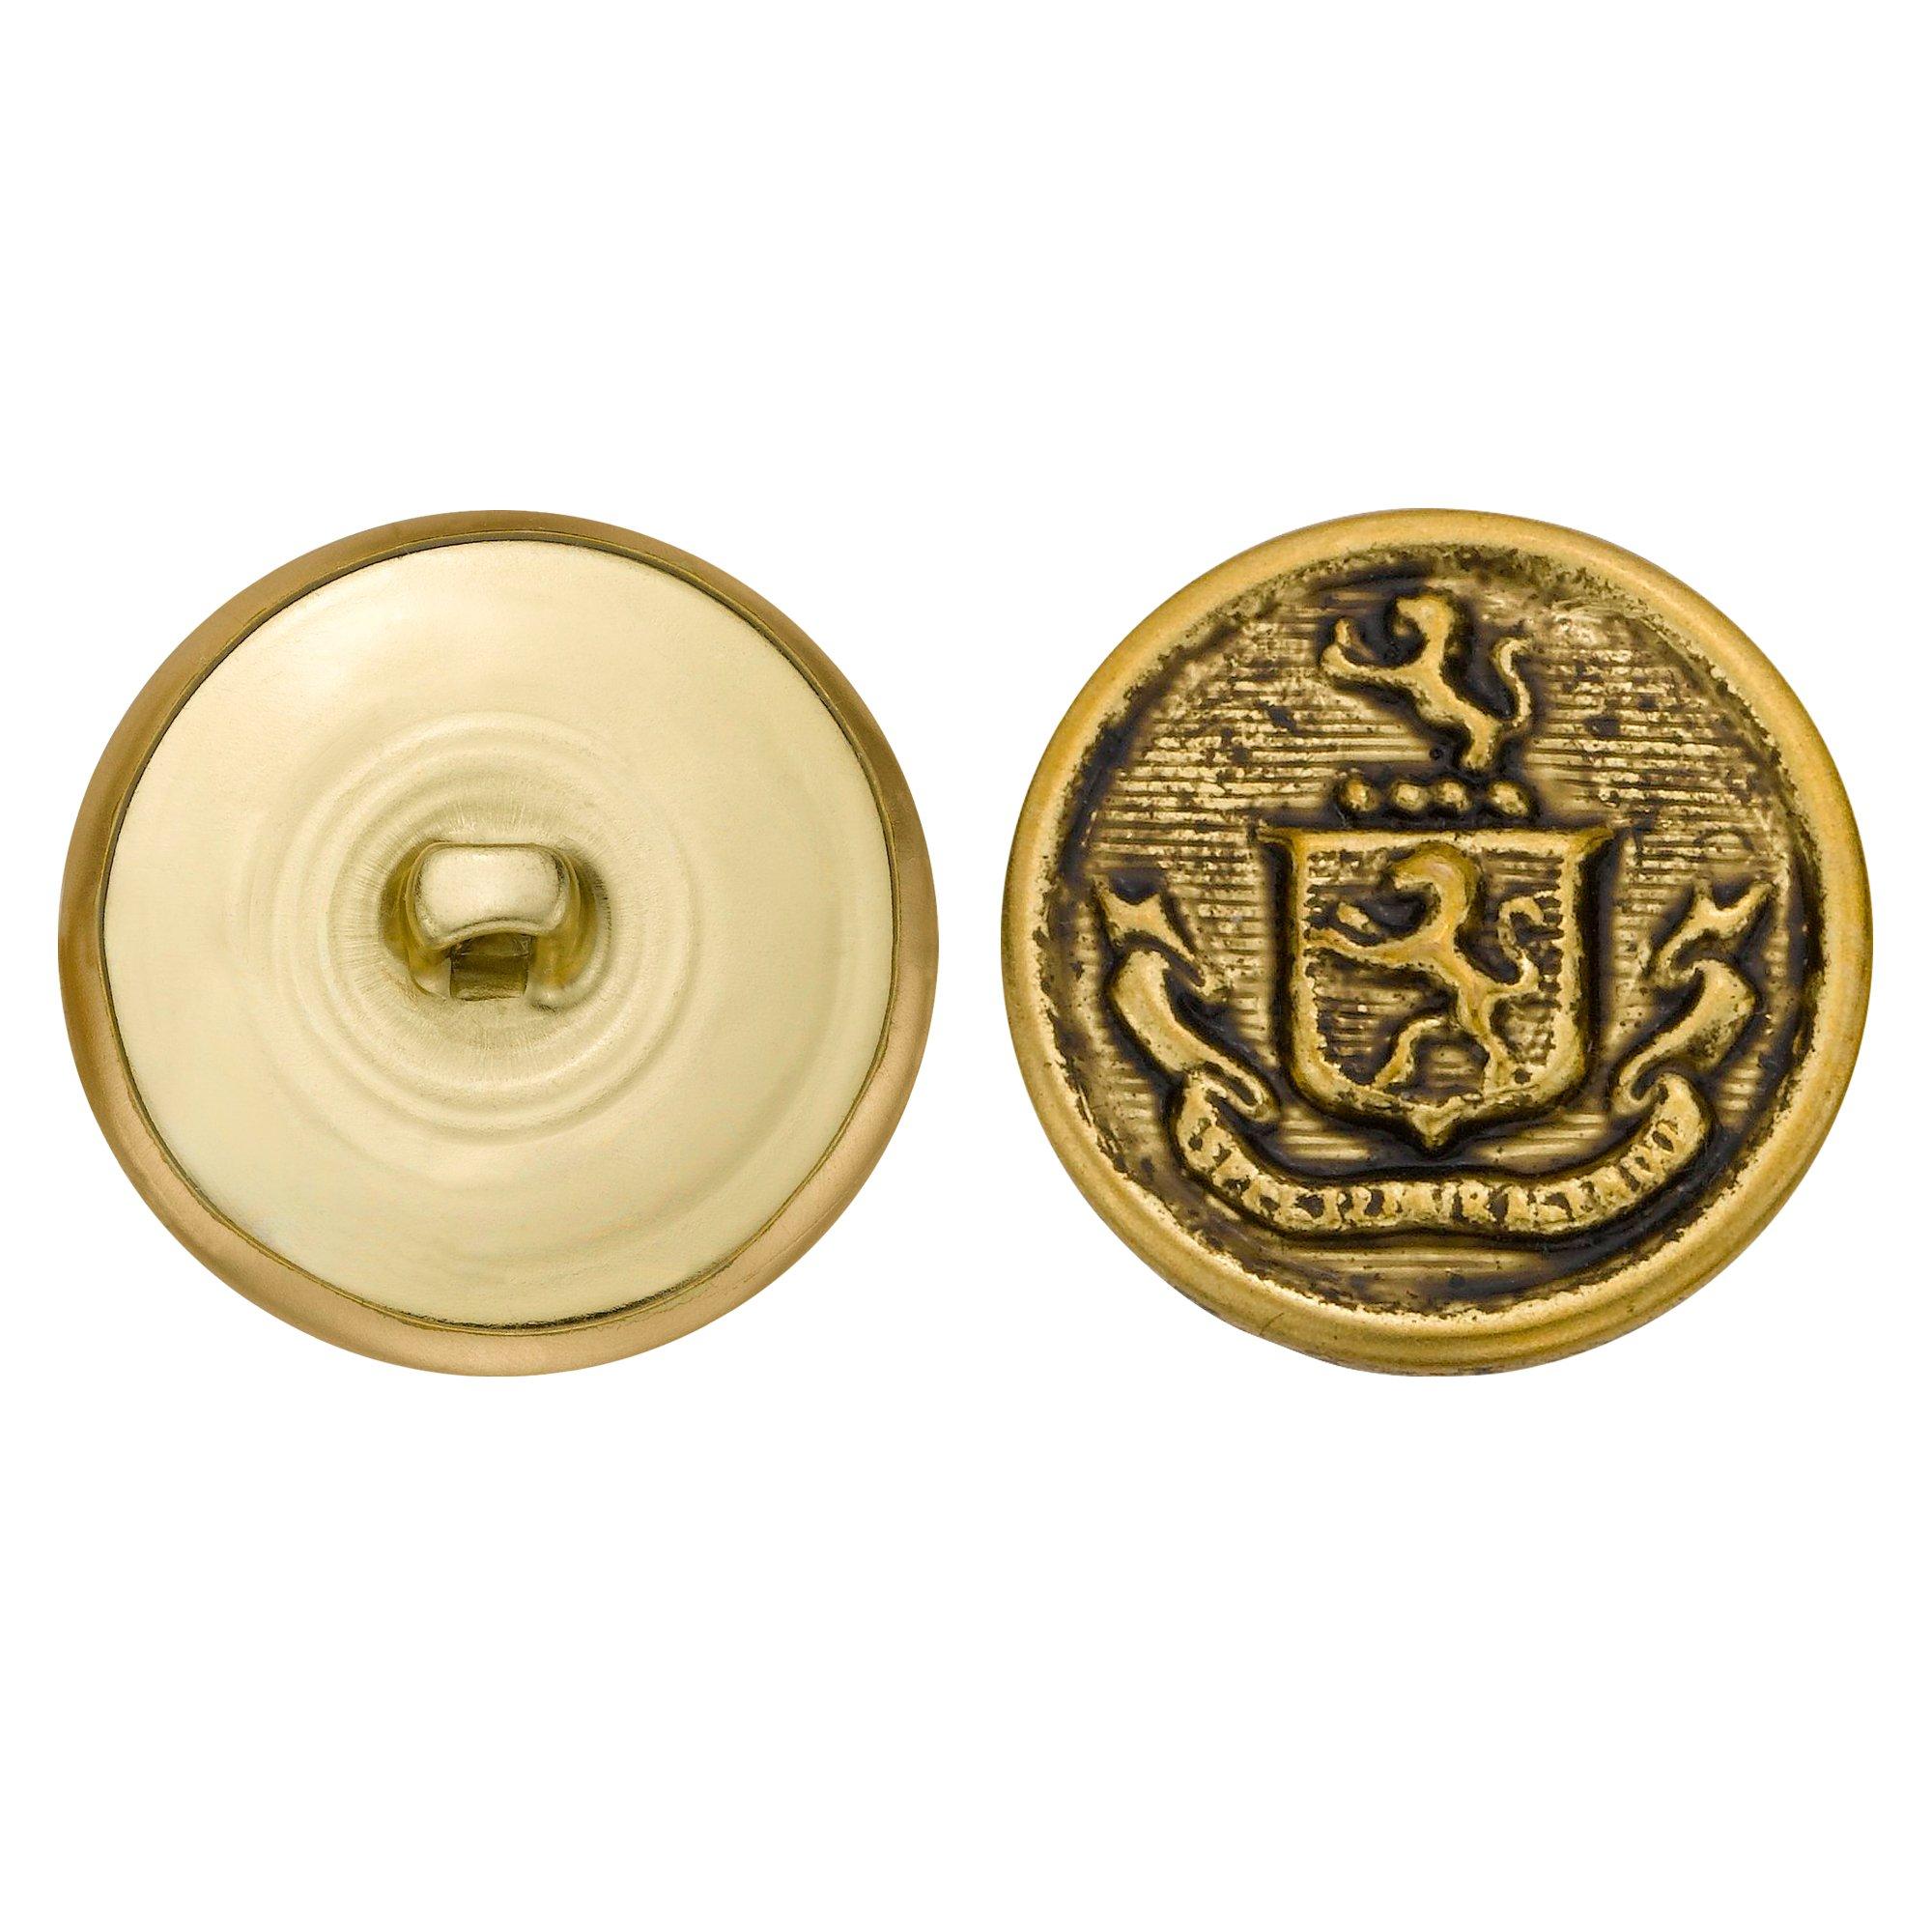 C&C Metal Products 5257 Crest Metal Button, Size 45 Ligne, Antique Gold, 36-Pack